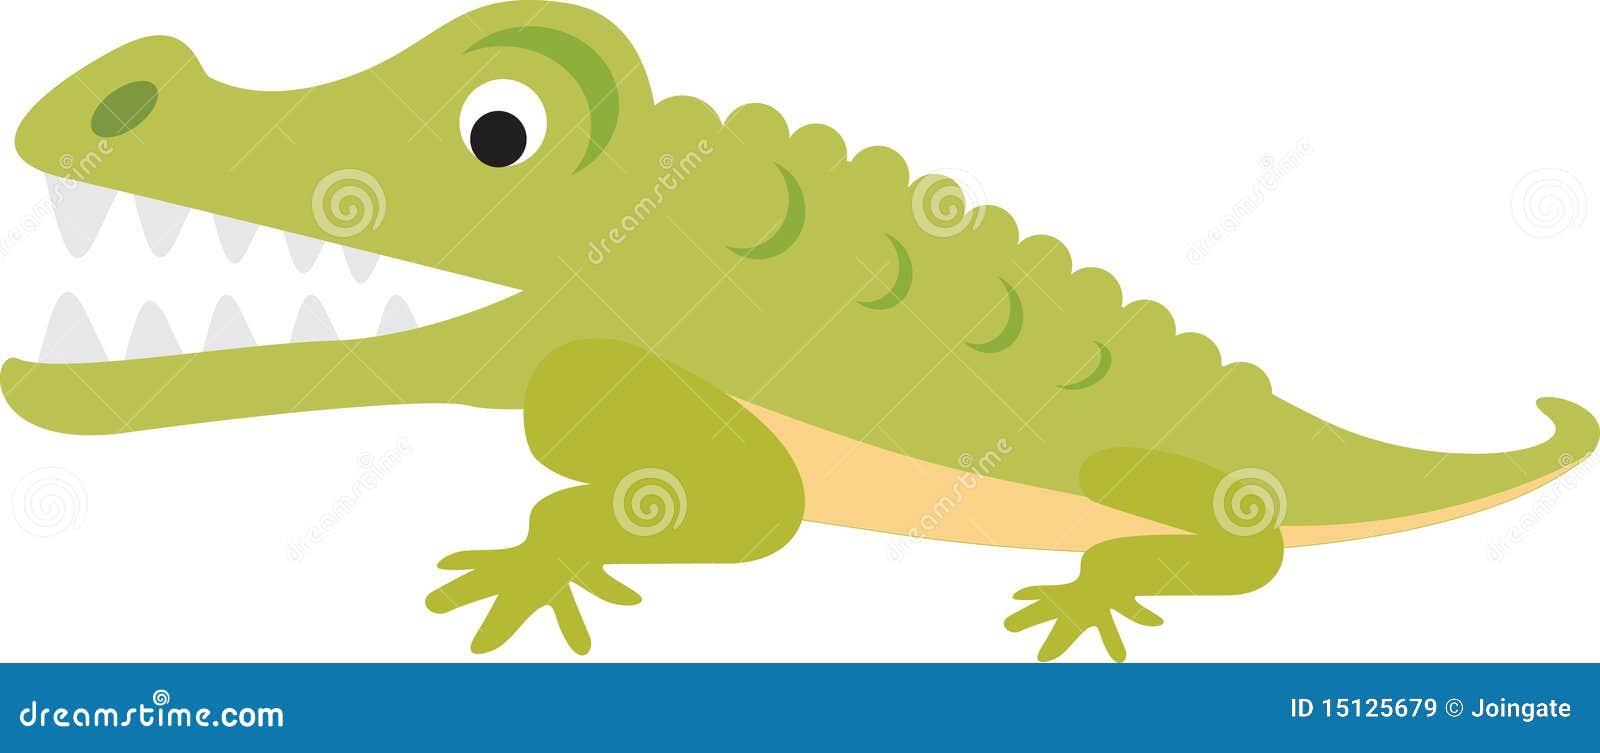 Dessin anim de crocodile ou d 39 alligator illustration de vecteur illustration du safari vert - Dessin anime de crocodile ...